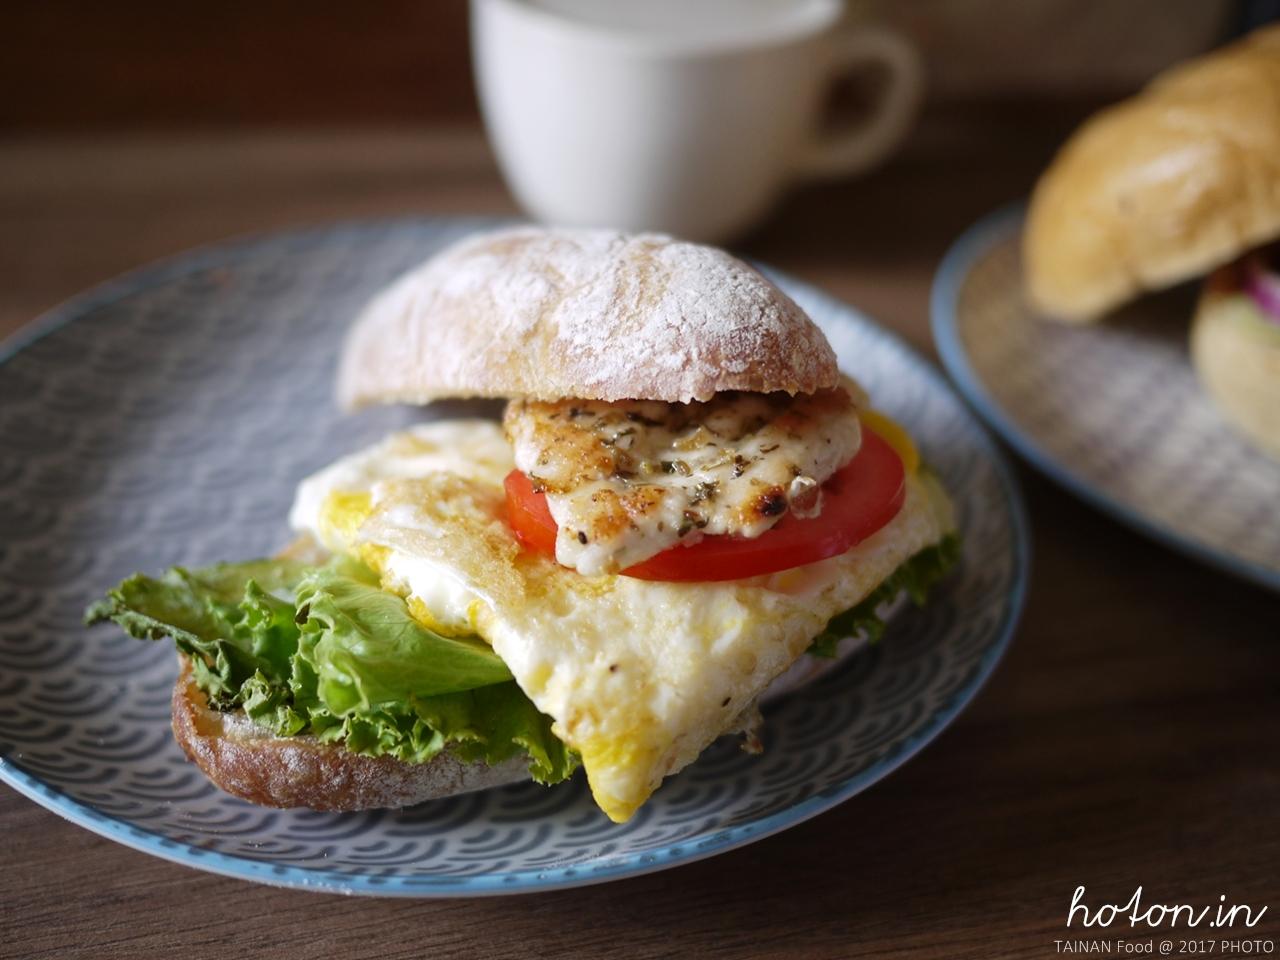 【台南食記】尋早早餐.在台南尋找小品風格輕食早午餐